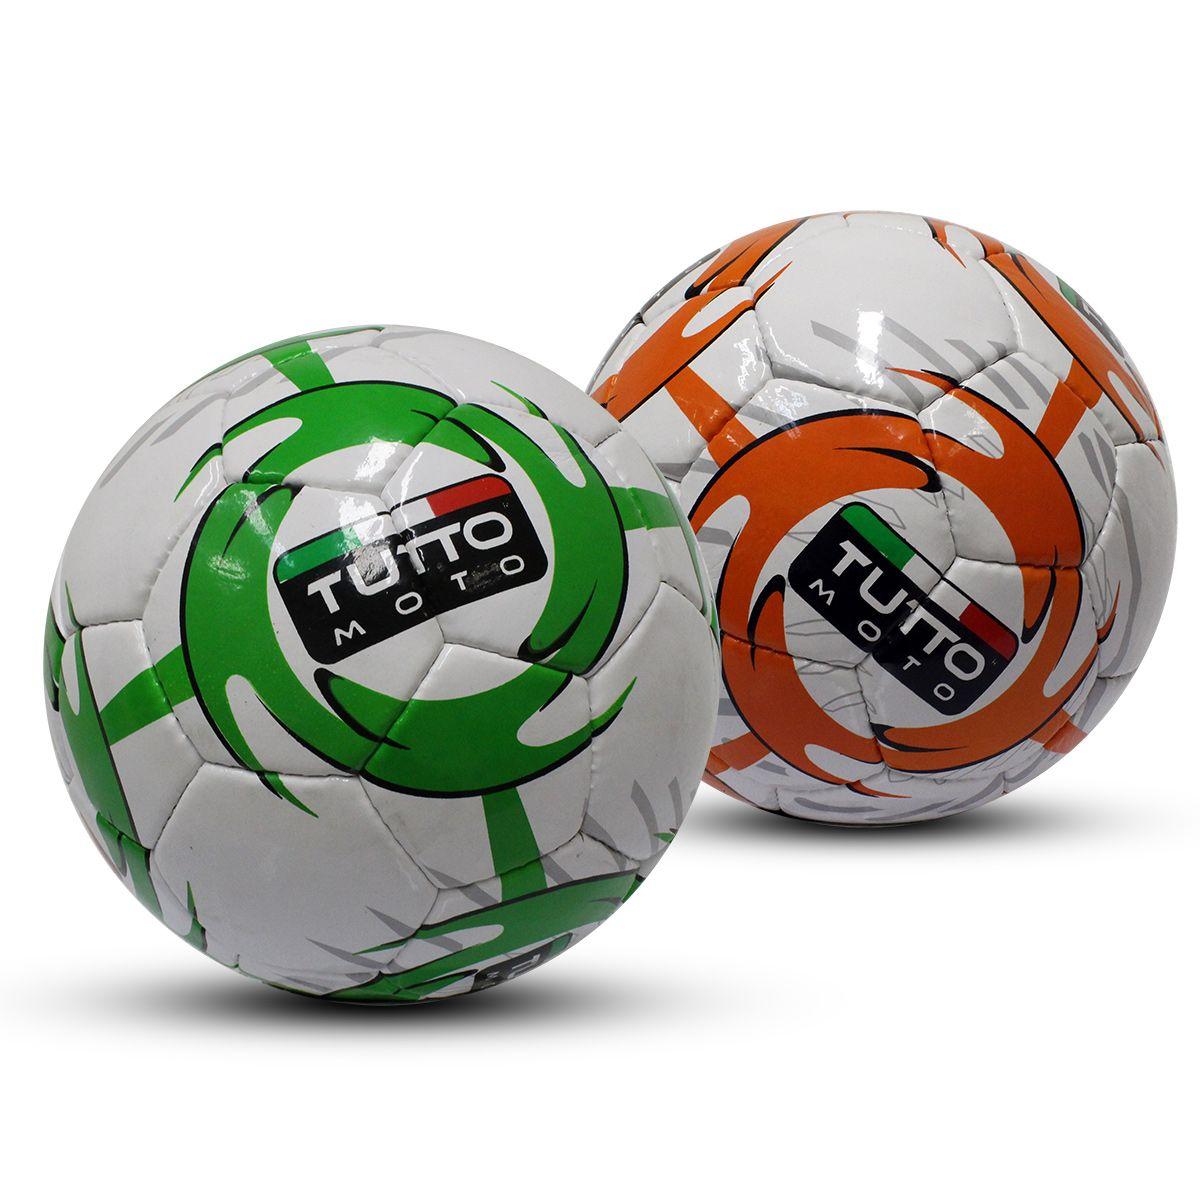 Bola de Futebol Tutto Moto  - Nova Suzuki Motos e Acessórios